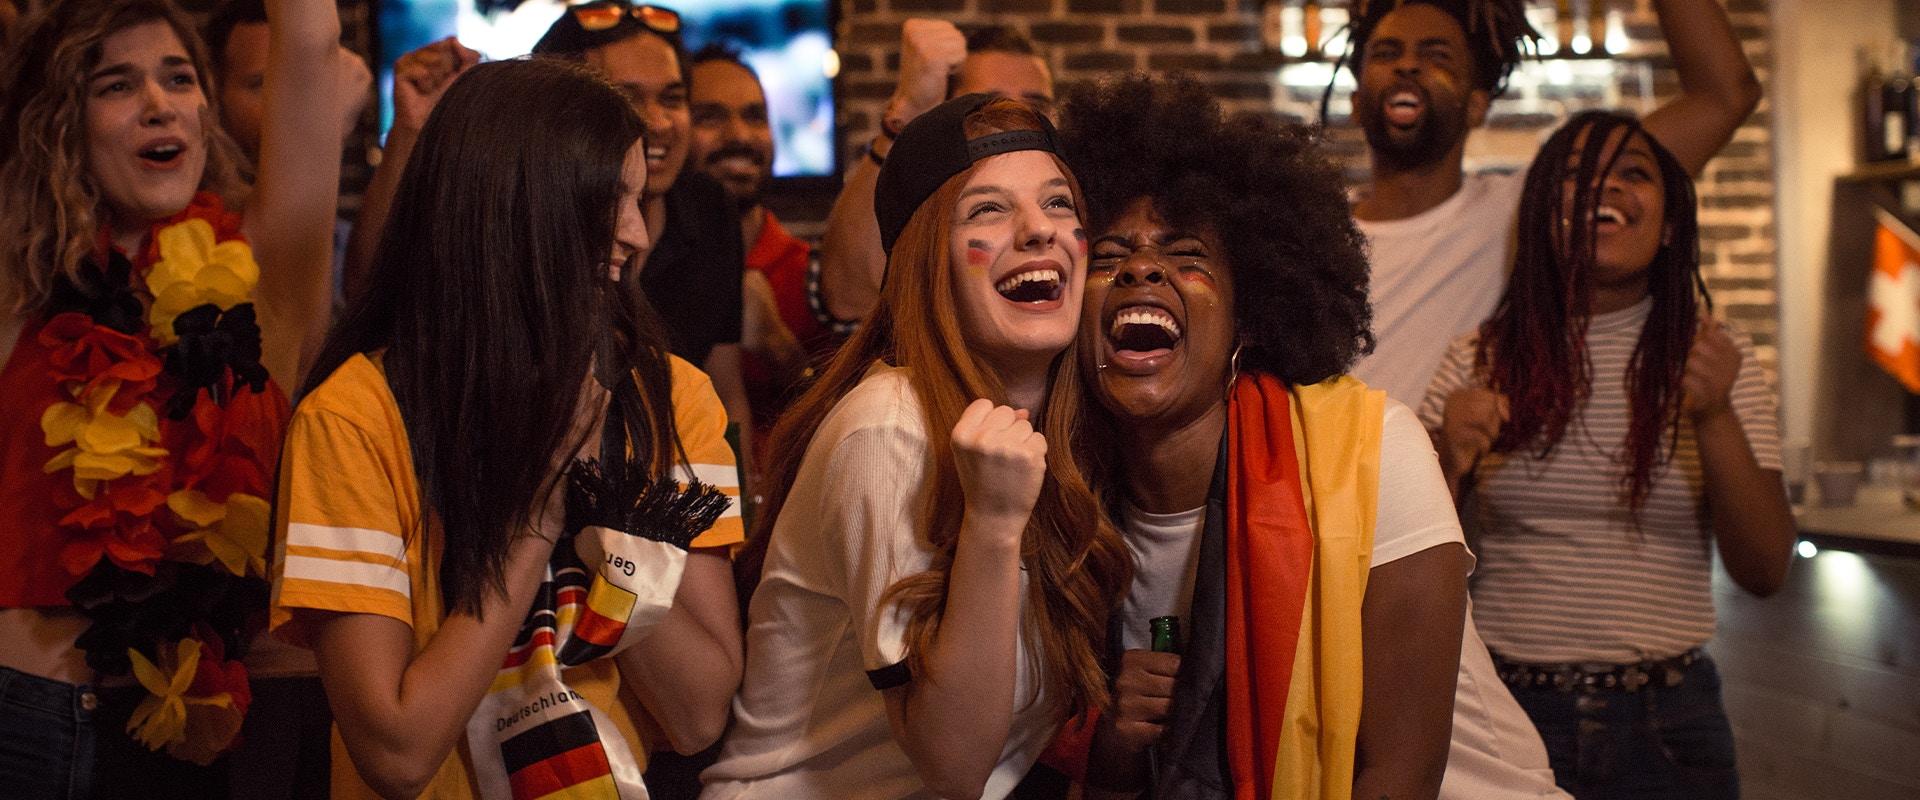 Fußballfans mit Deutschland-Flagge jubeln